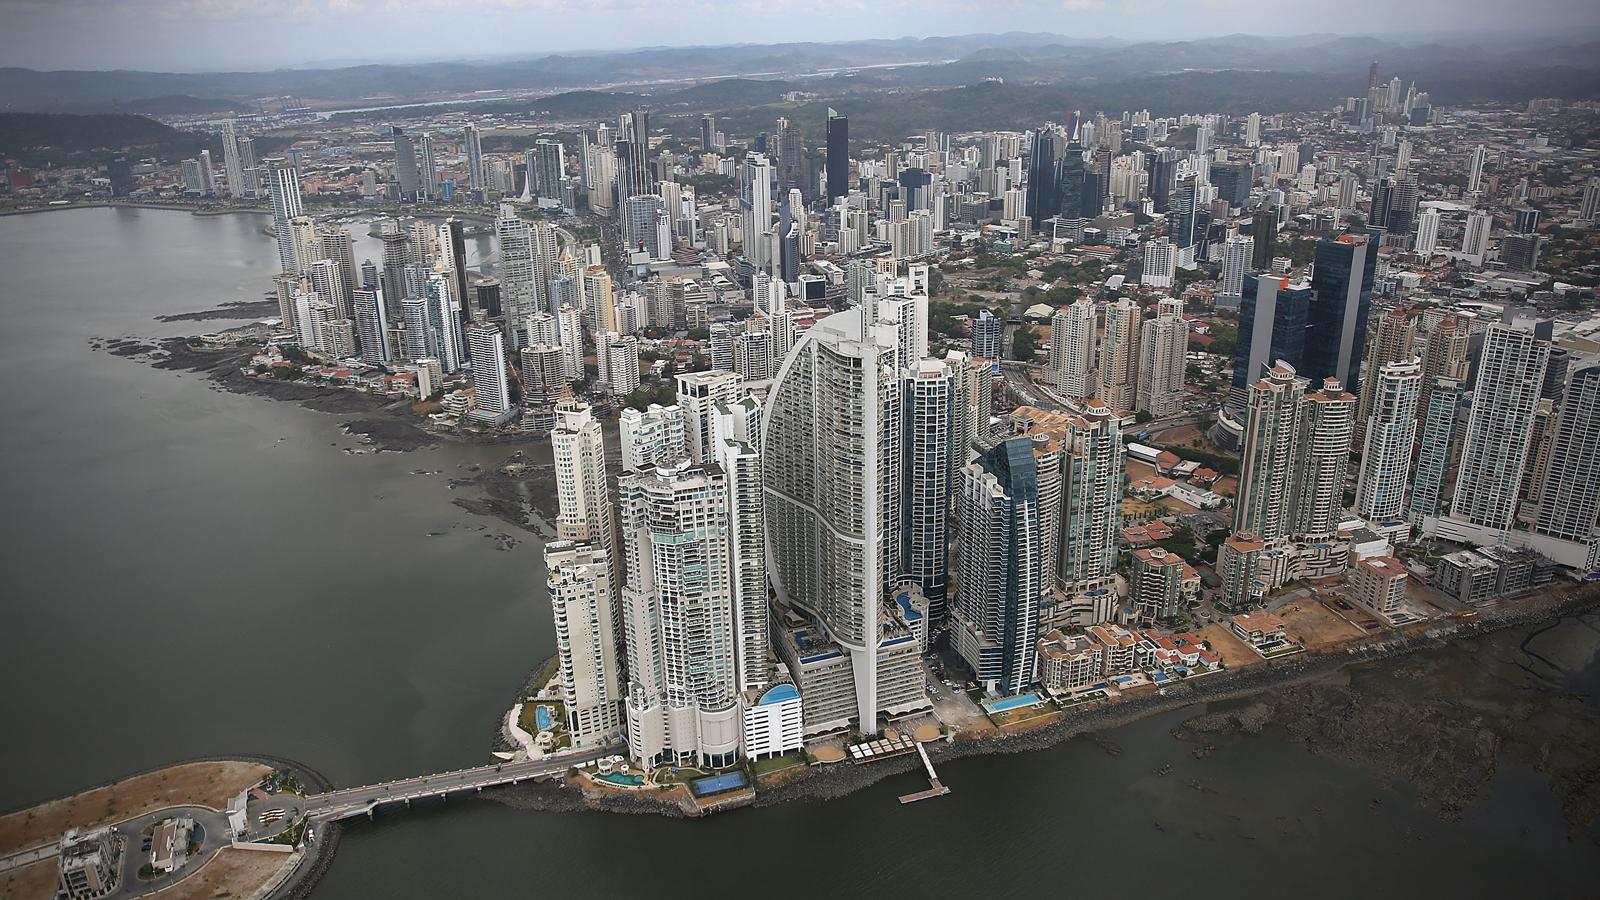 Города, догнавшие вчерашний день Высотные здания,Архитектура и градостроительство